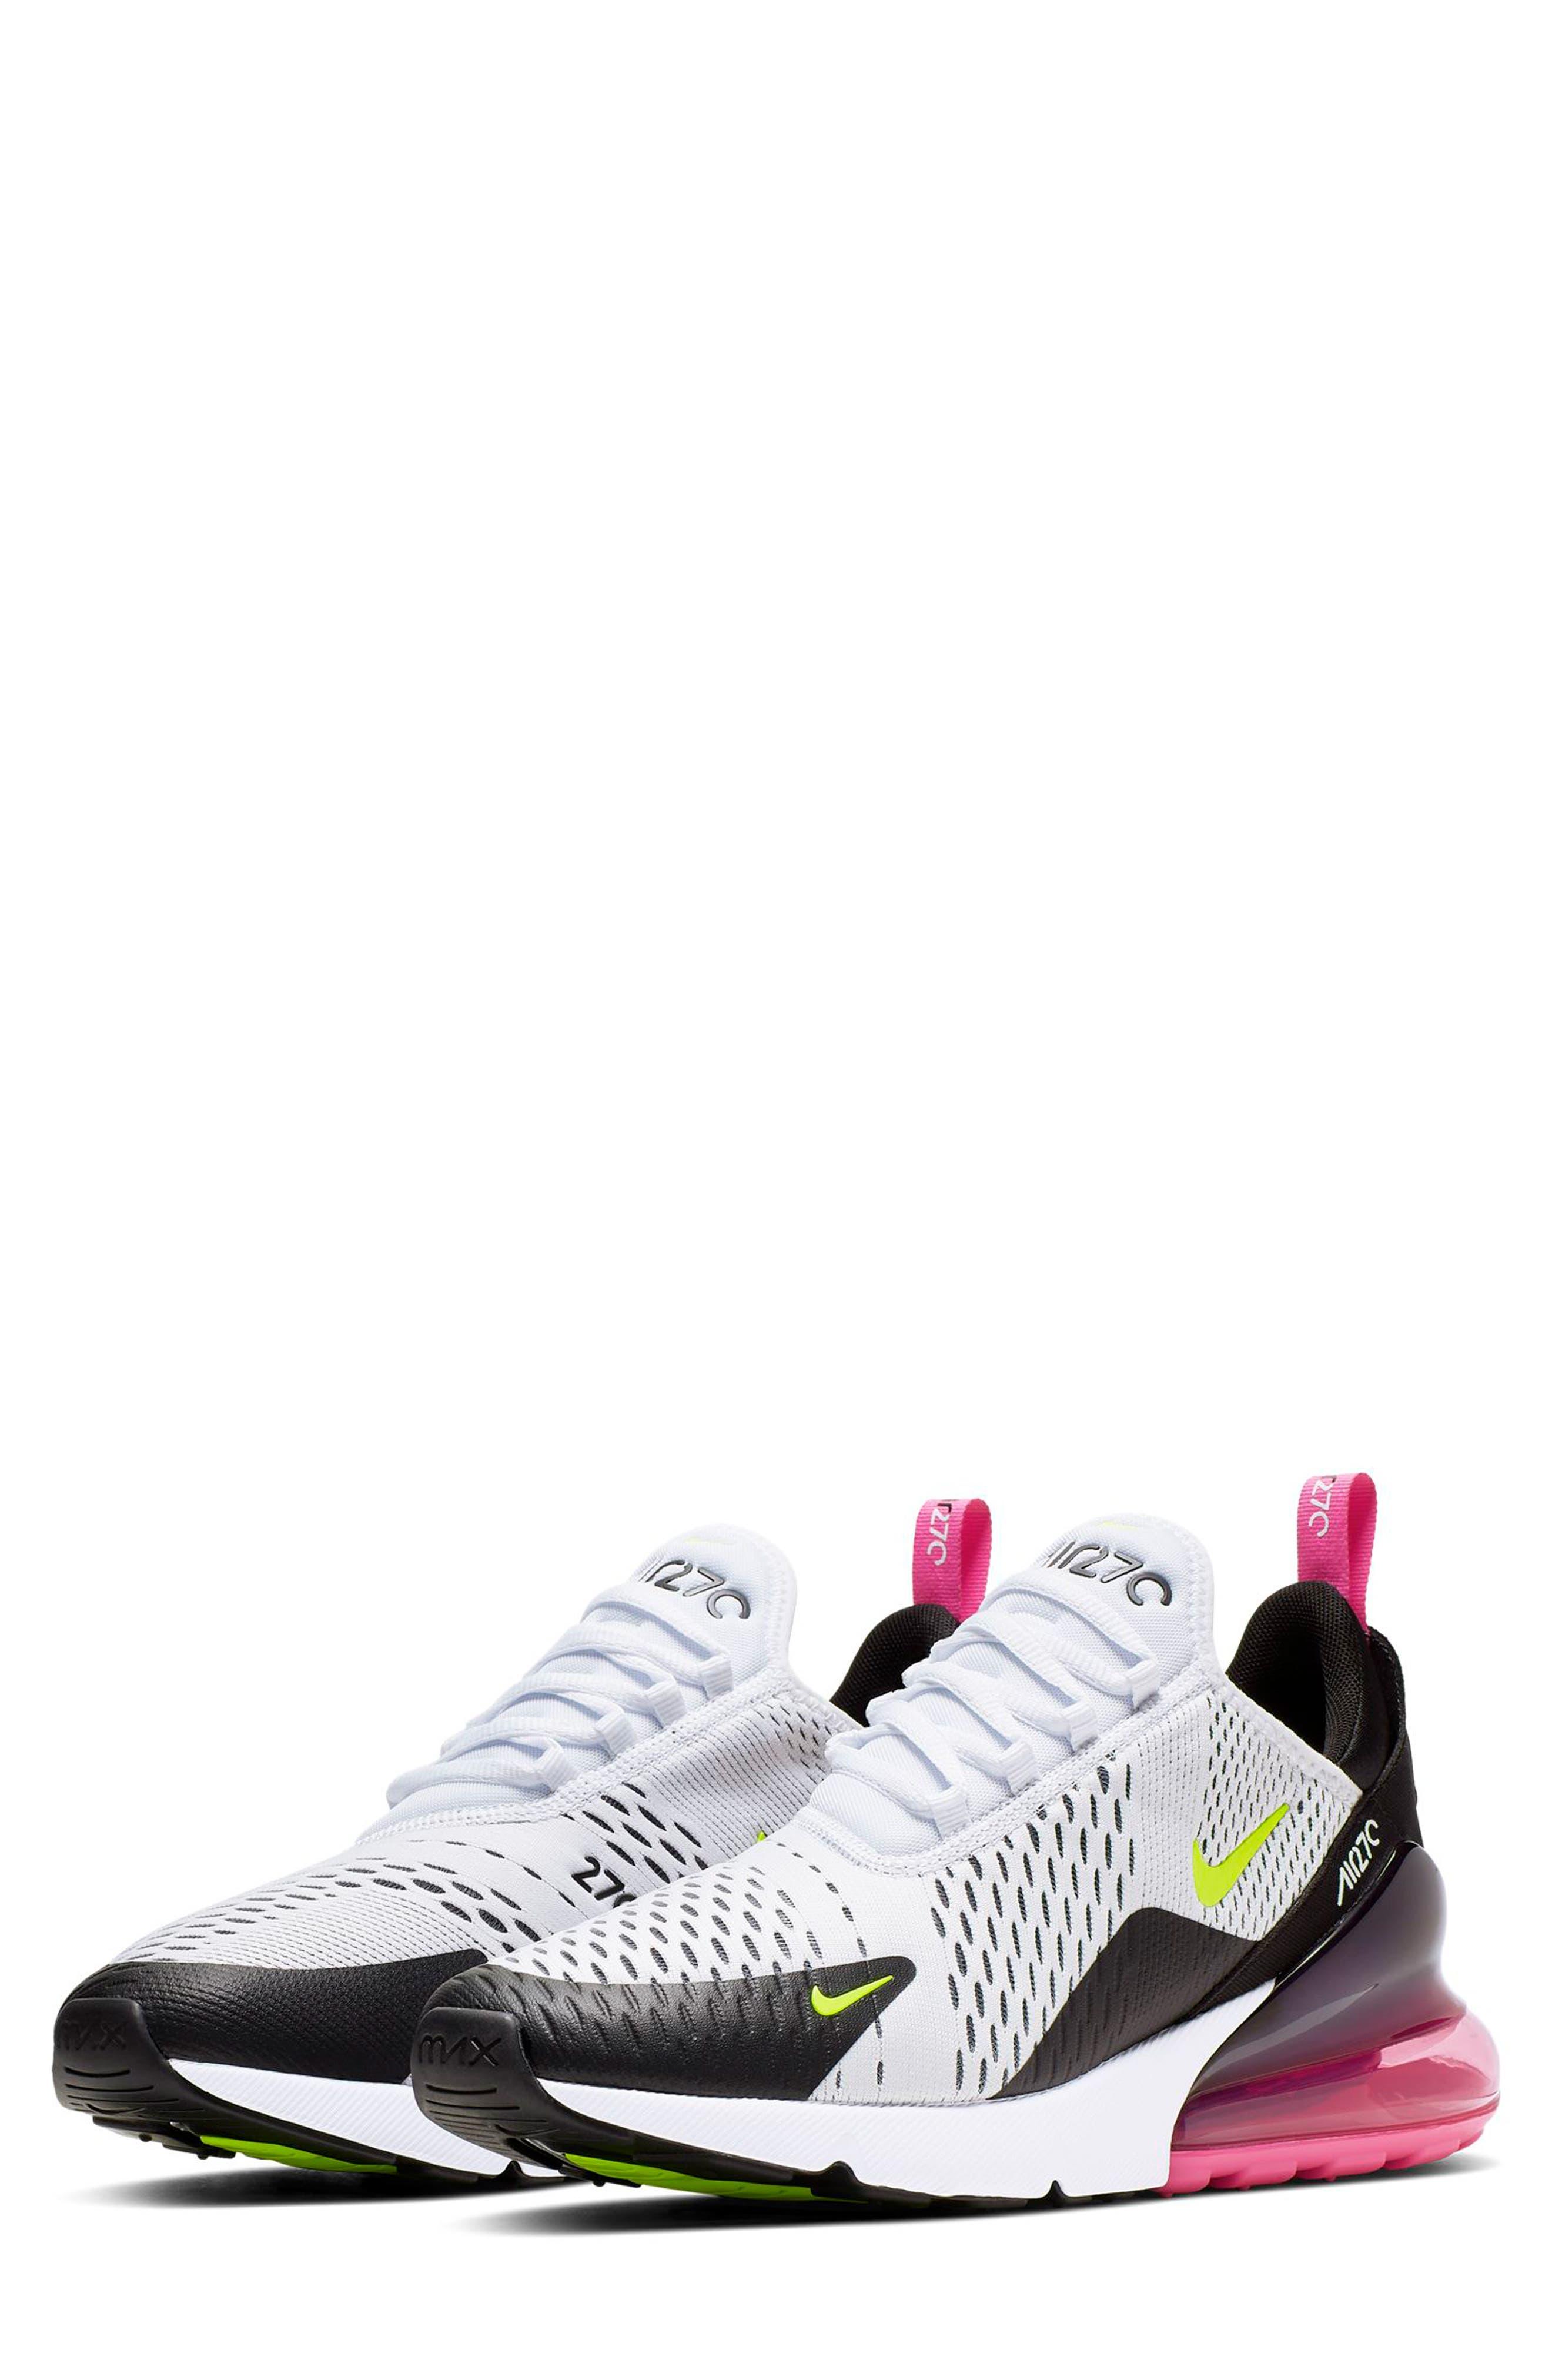 NIKE Air Max 270 Sneaker, Main, color, WHITE/ VOLT/ BLACK/ FUCHSIA